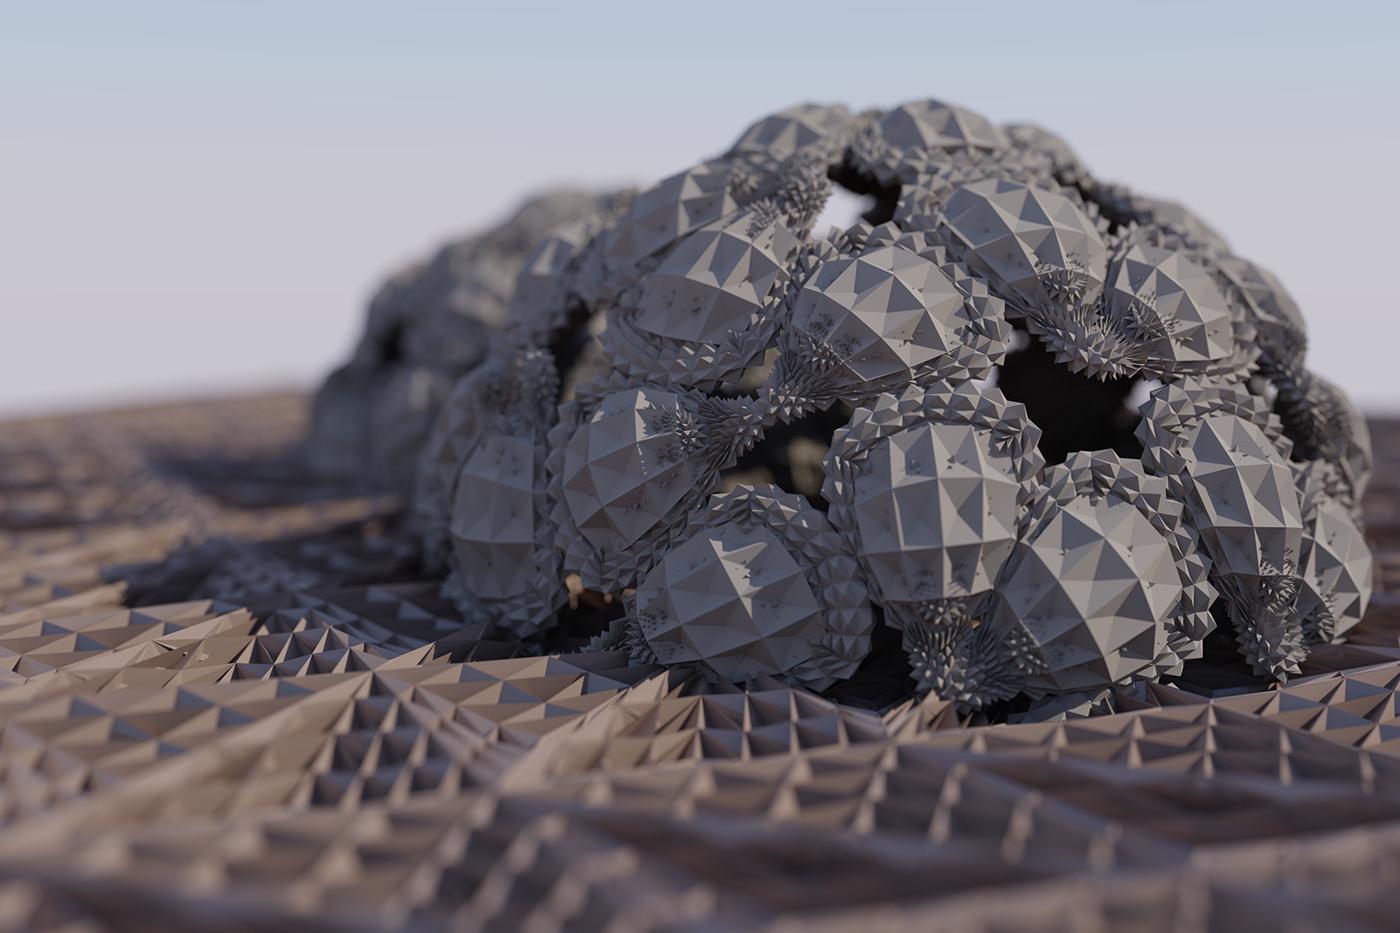 Waffles in a nano assembler.